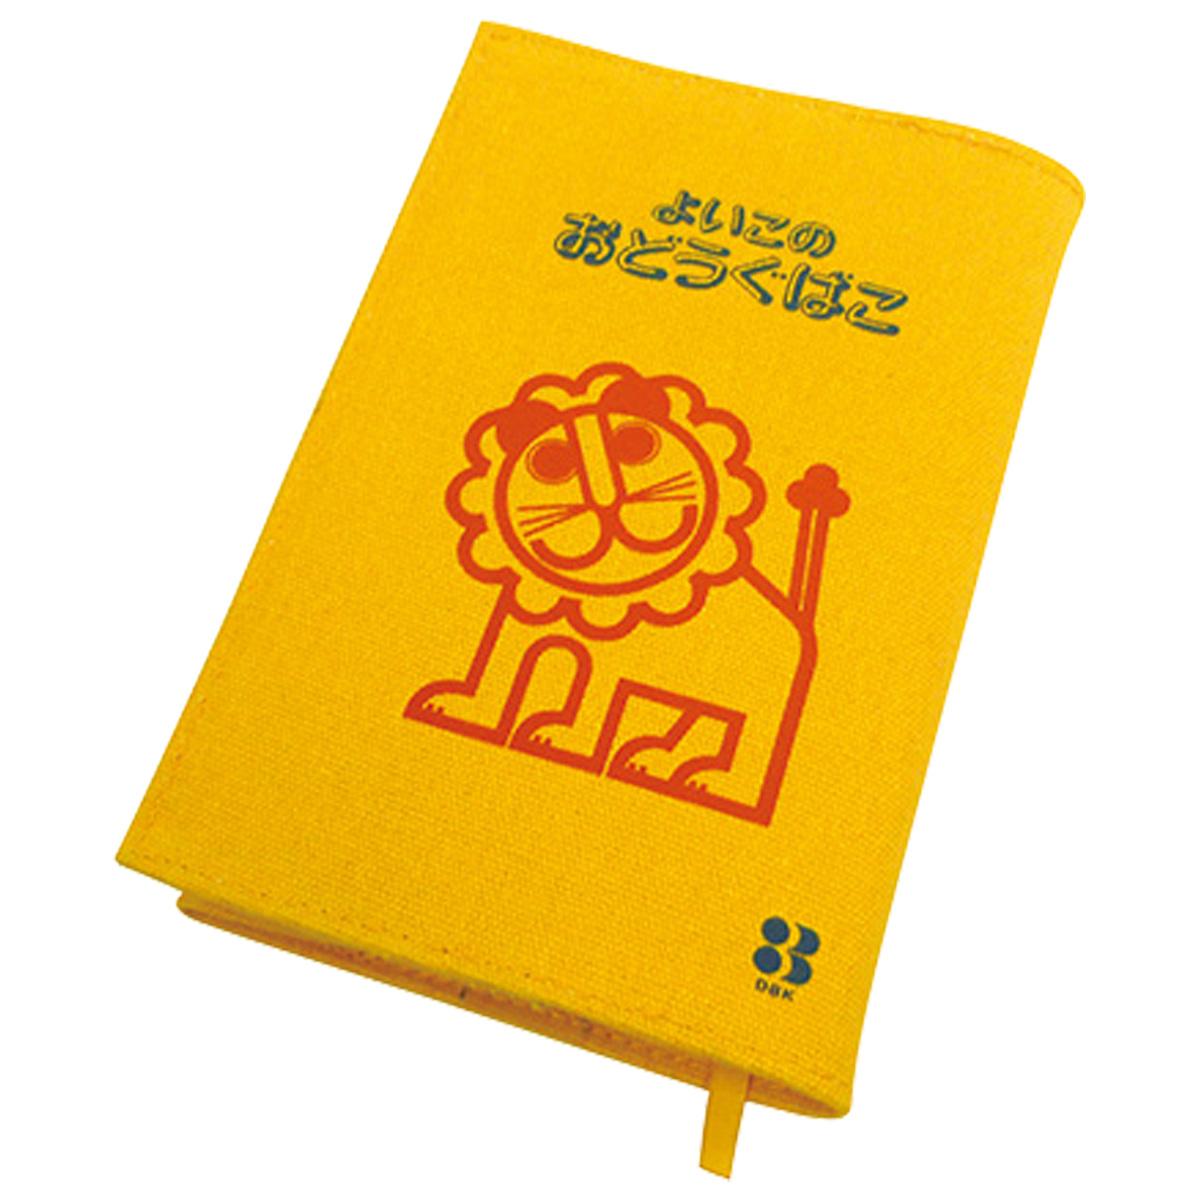 らいおん ブックカバー 文庫本サイズ よいこのおどうぐばこ らいおんシリーズ 044115 デビカ 文房具